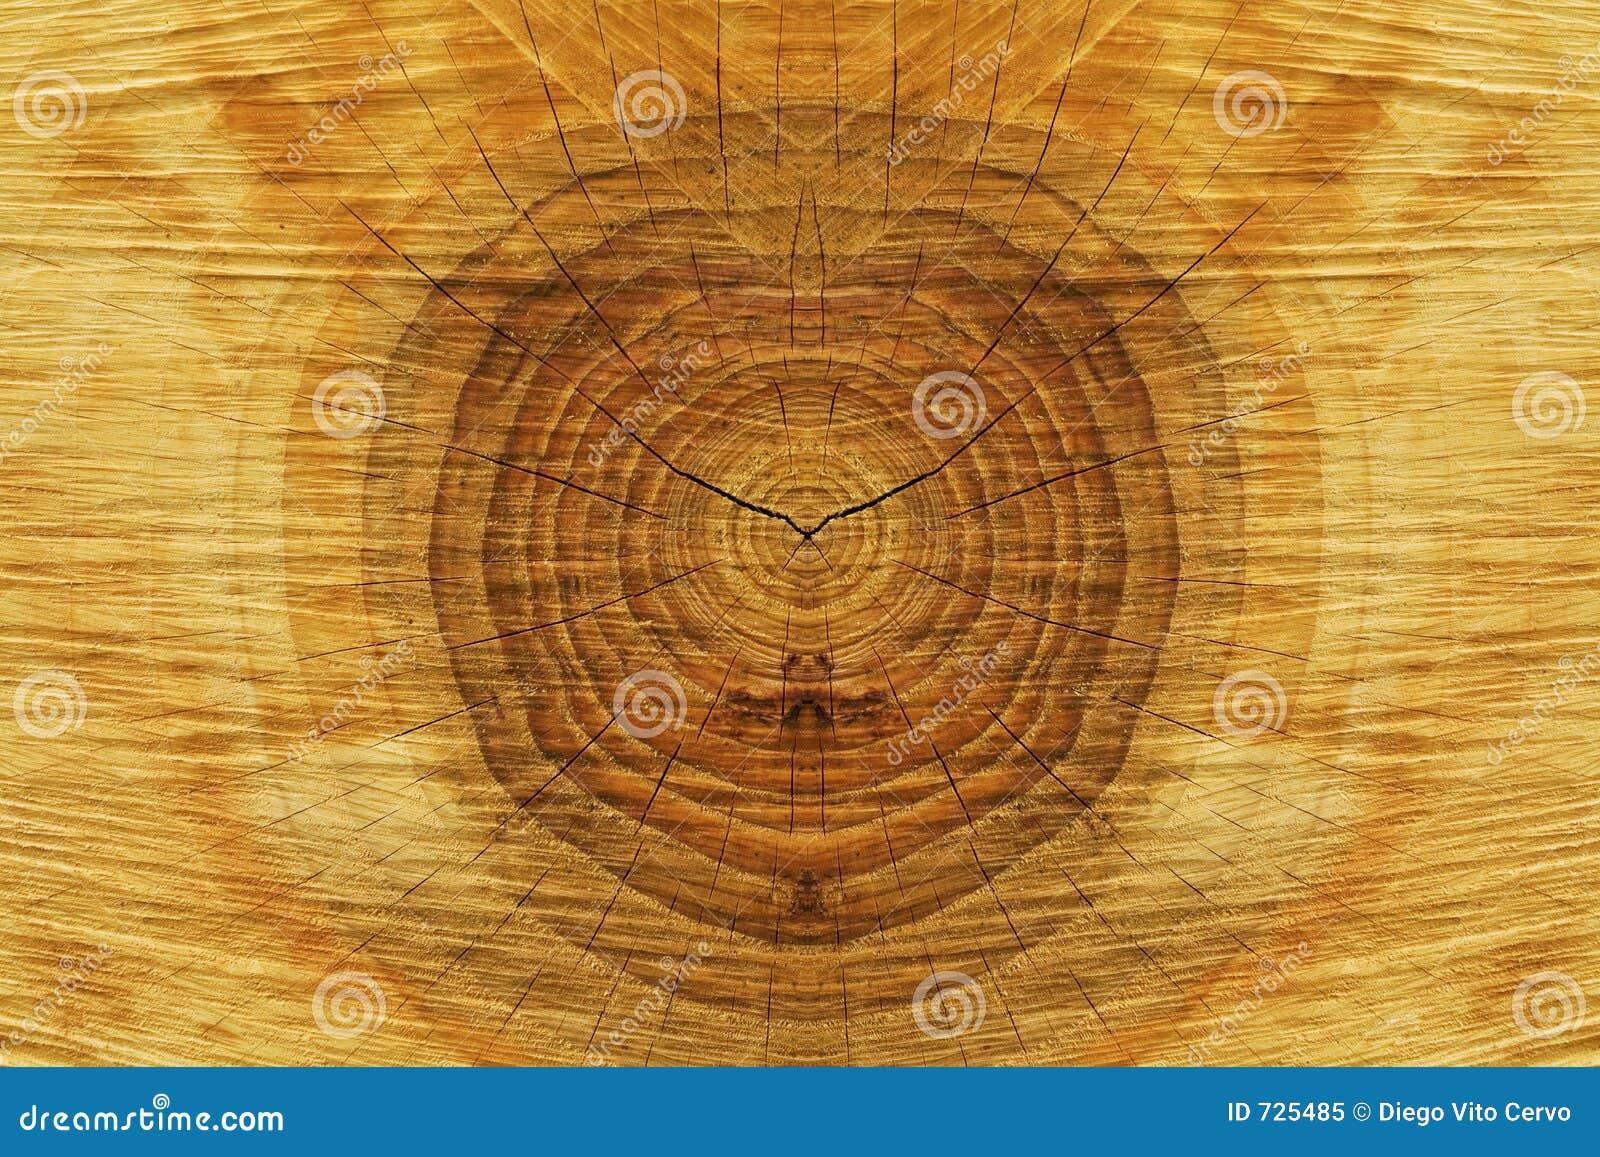 bois texture photo libre de droits image 725485. Black Bedroom Furniture Sets. Home Design Ideas